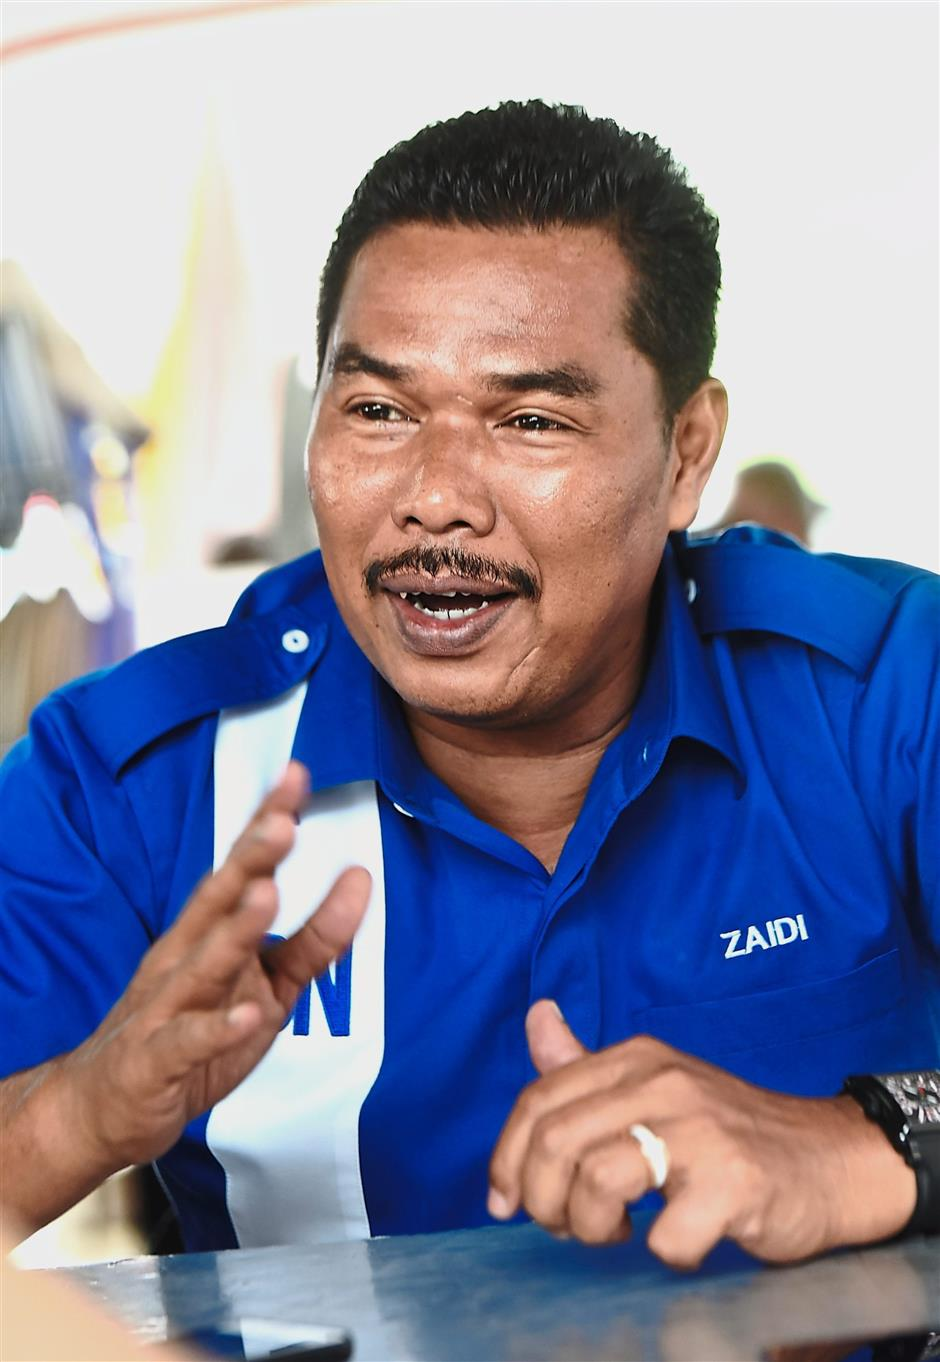 Datuk Mohd Zaidi Mohd Said - Permatang Pauh BN